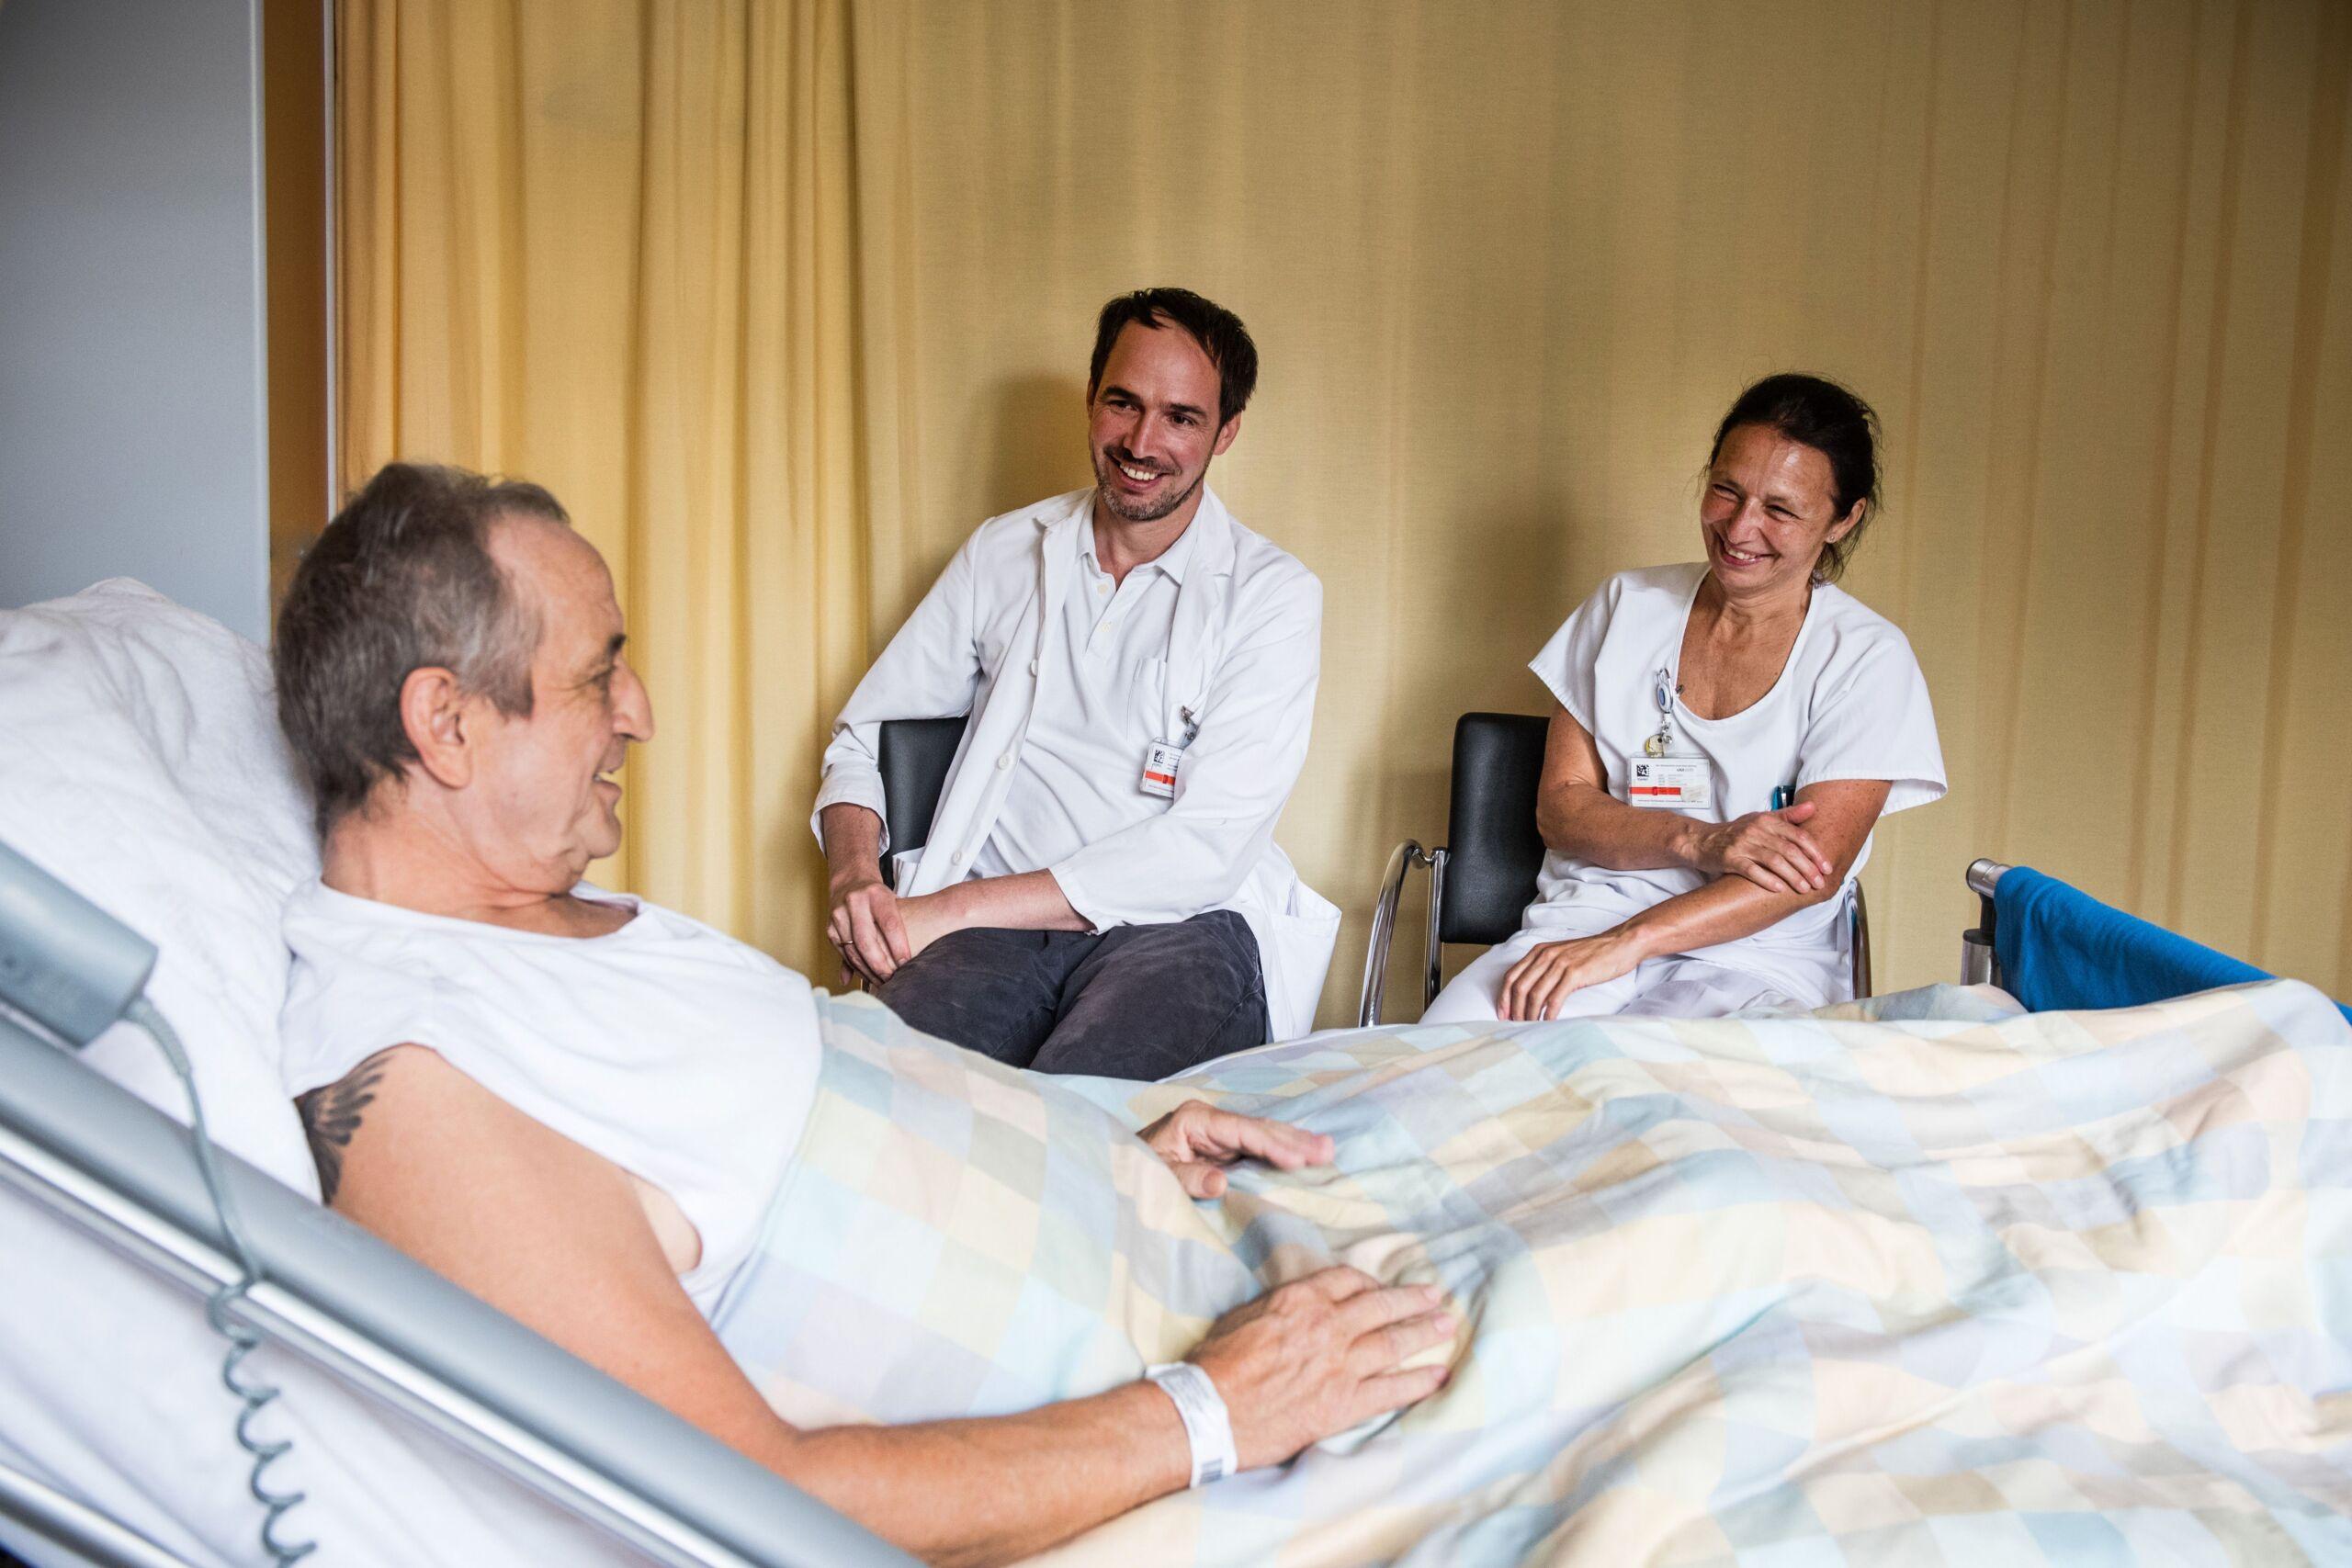 Zwei Pflegende sitzen lächelnd an einem Patientenbett